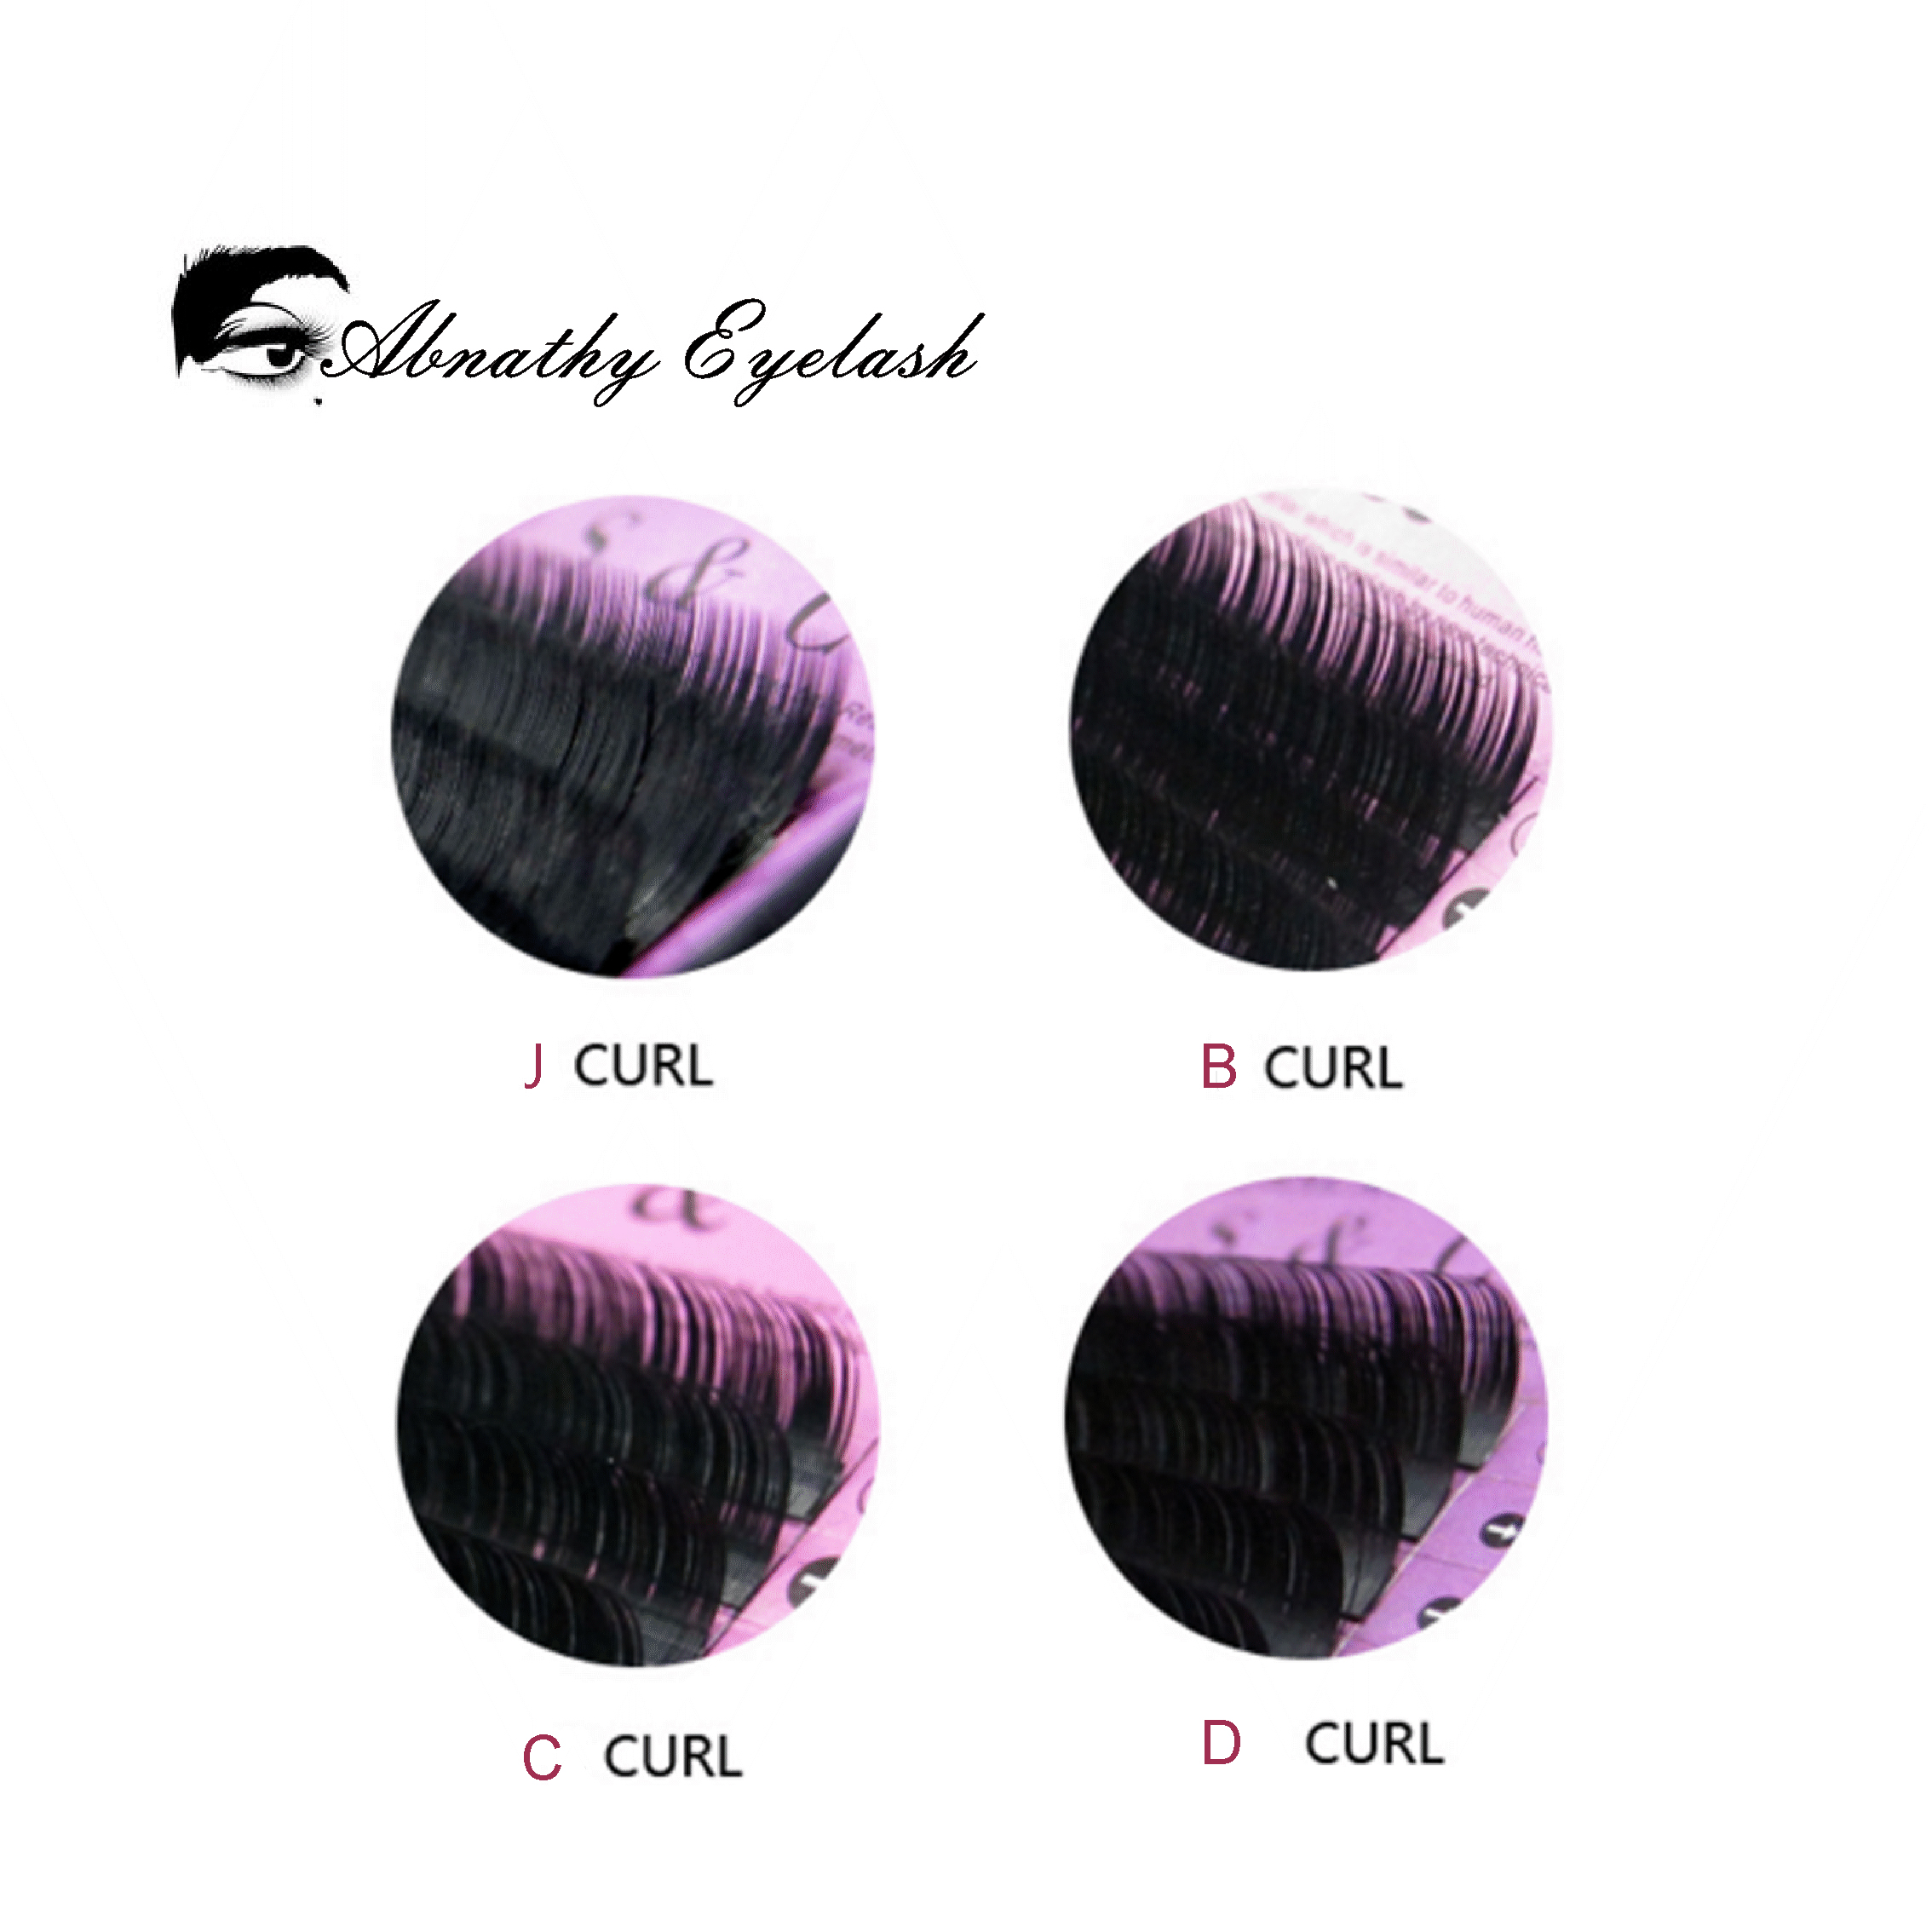 US $11 21 35% OFF| J B C D Curl Individual Eyelashes Mink Eyelashes  Extension Artificial Fake False Eyelashes Abnathy Lash-in False Eyelashes  from